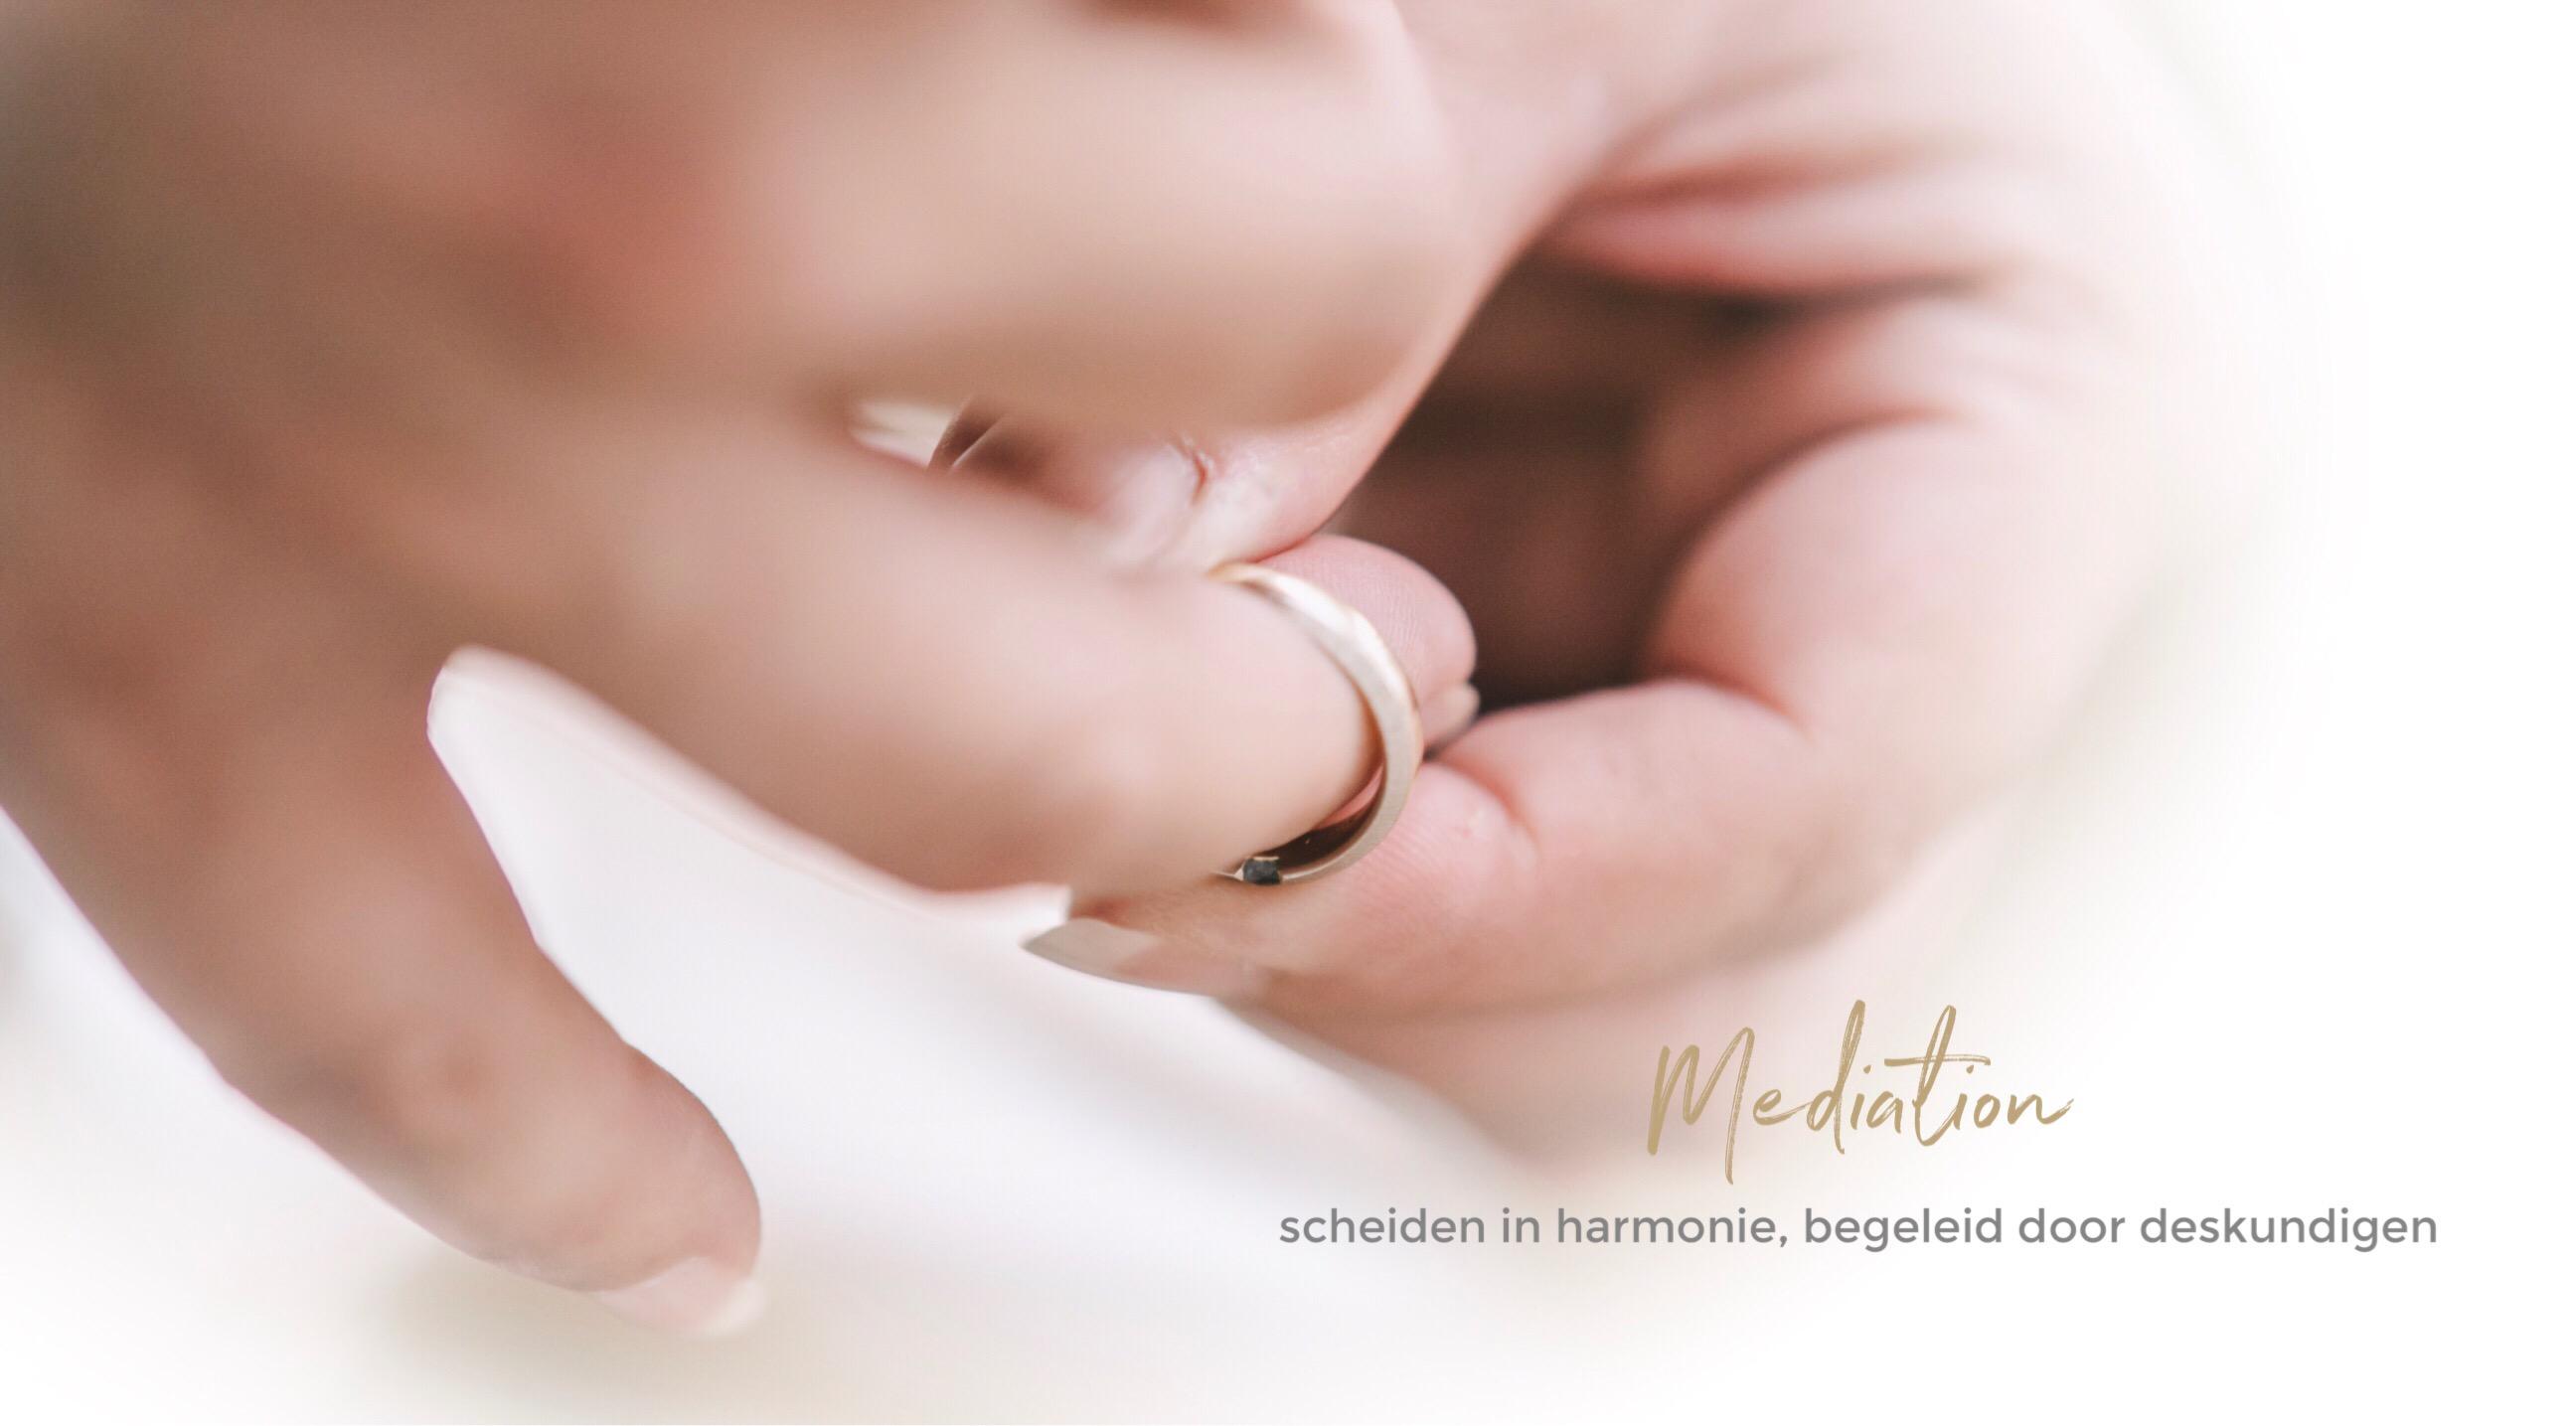 Mediator Utrecht - Den Haag - Amersfoort, Viae Novae Echtscheiding & Mediation